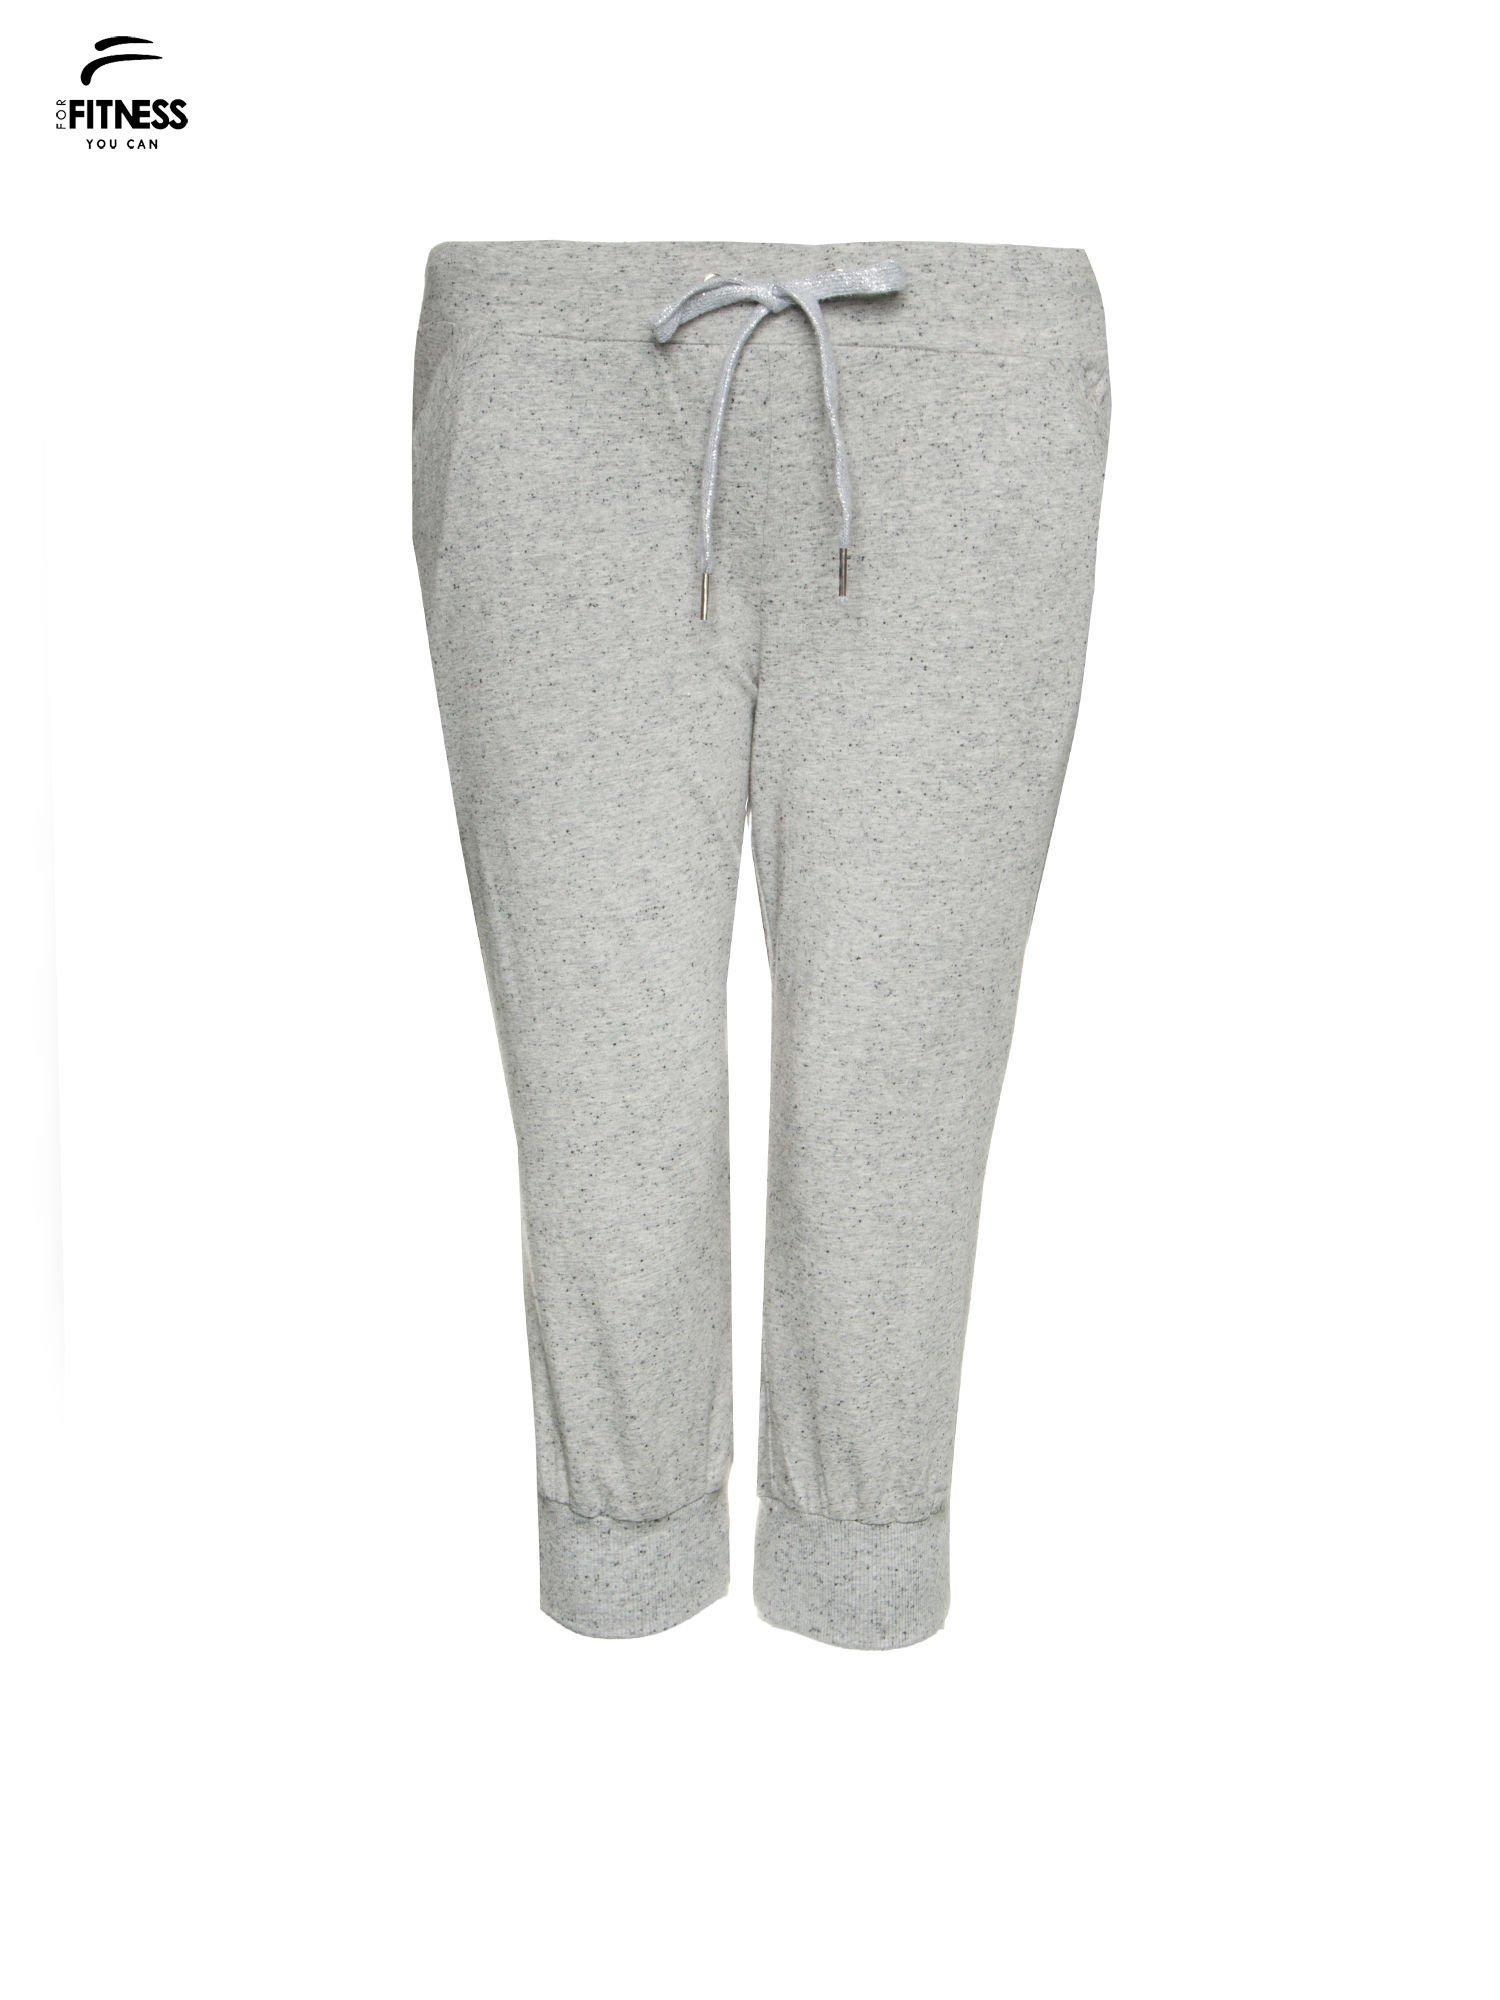 Jasnoszare spodnie sportowe typu capri wiązane w pasie                                  zdj.                                  5